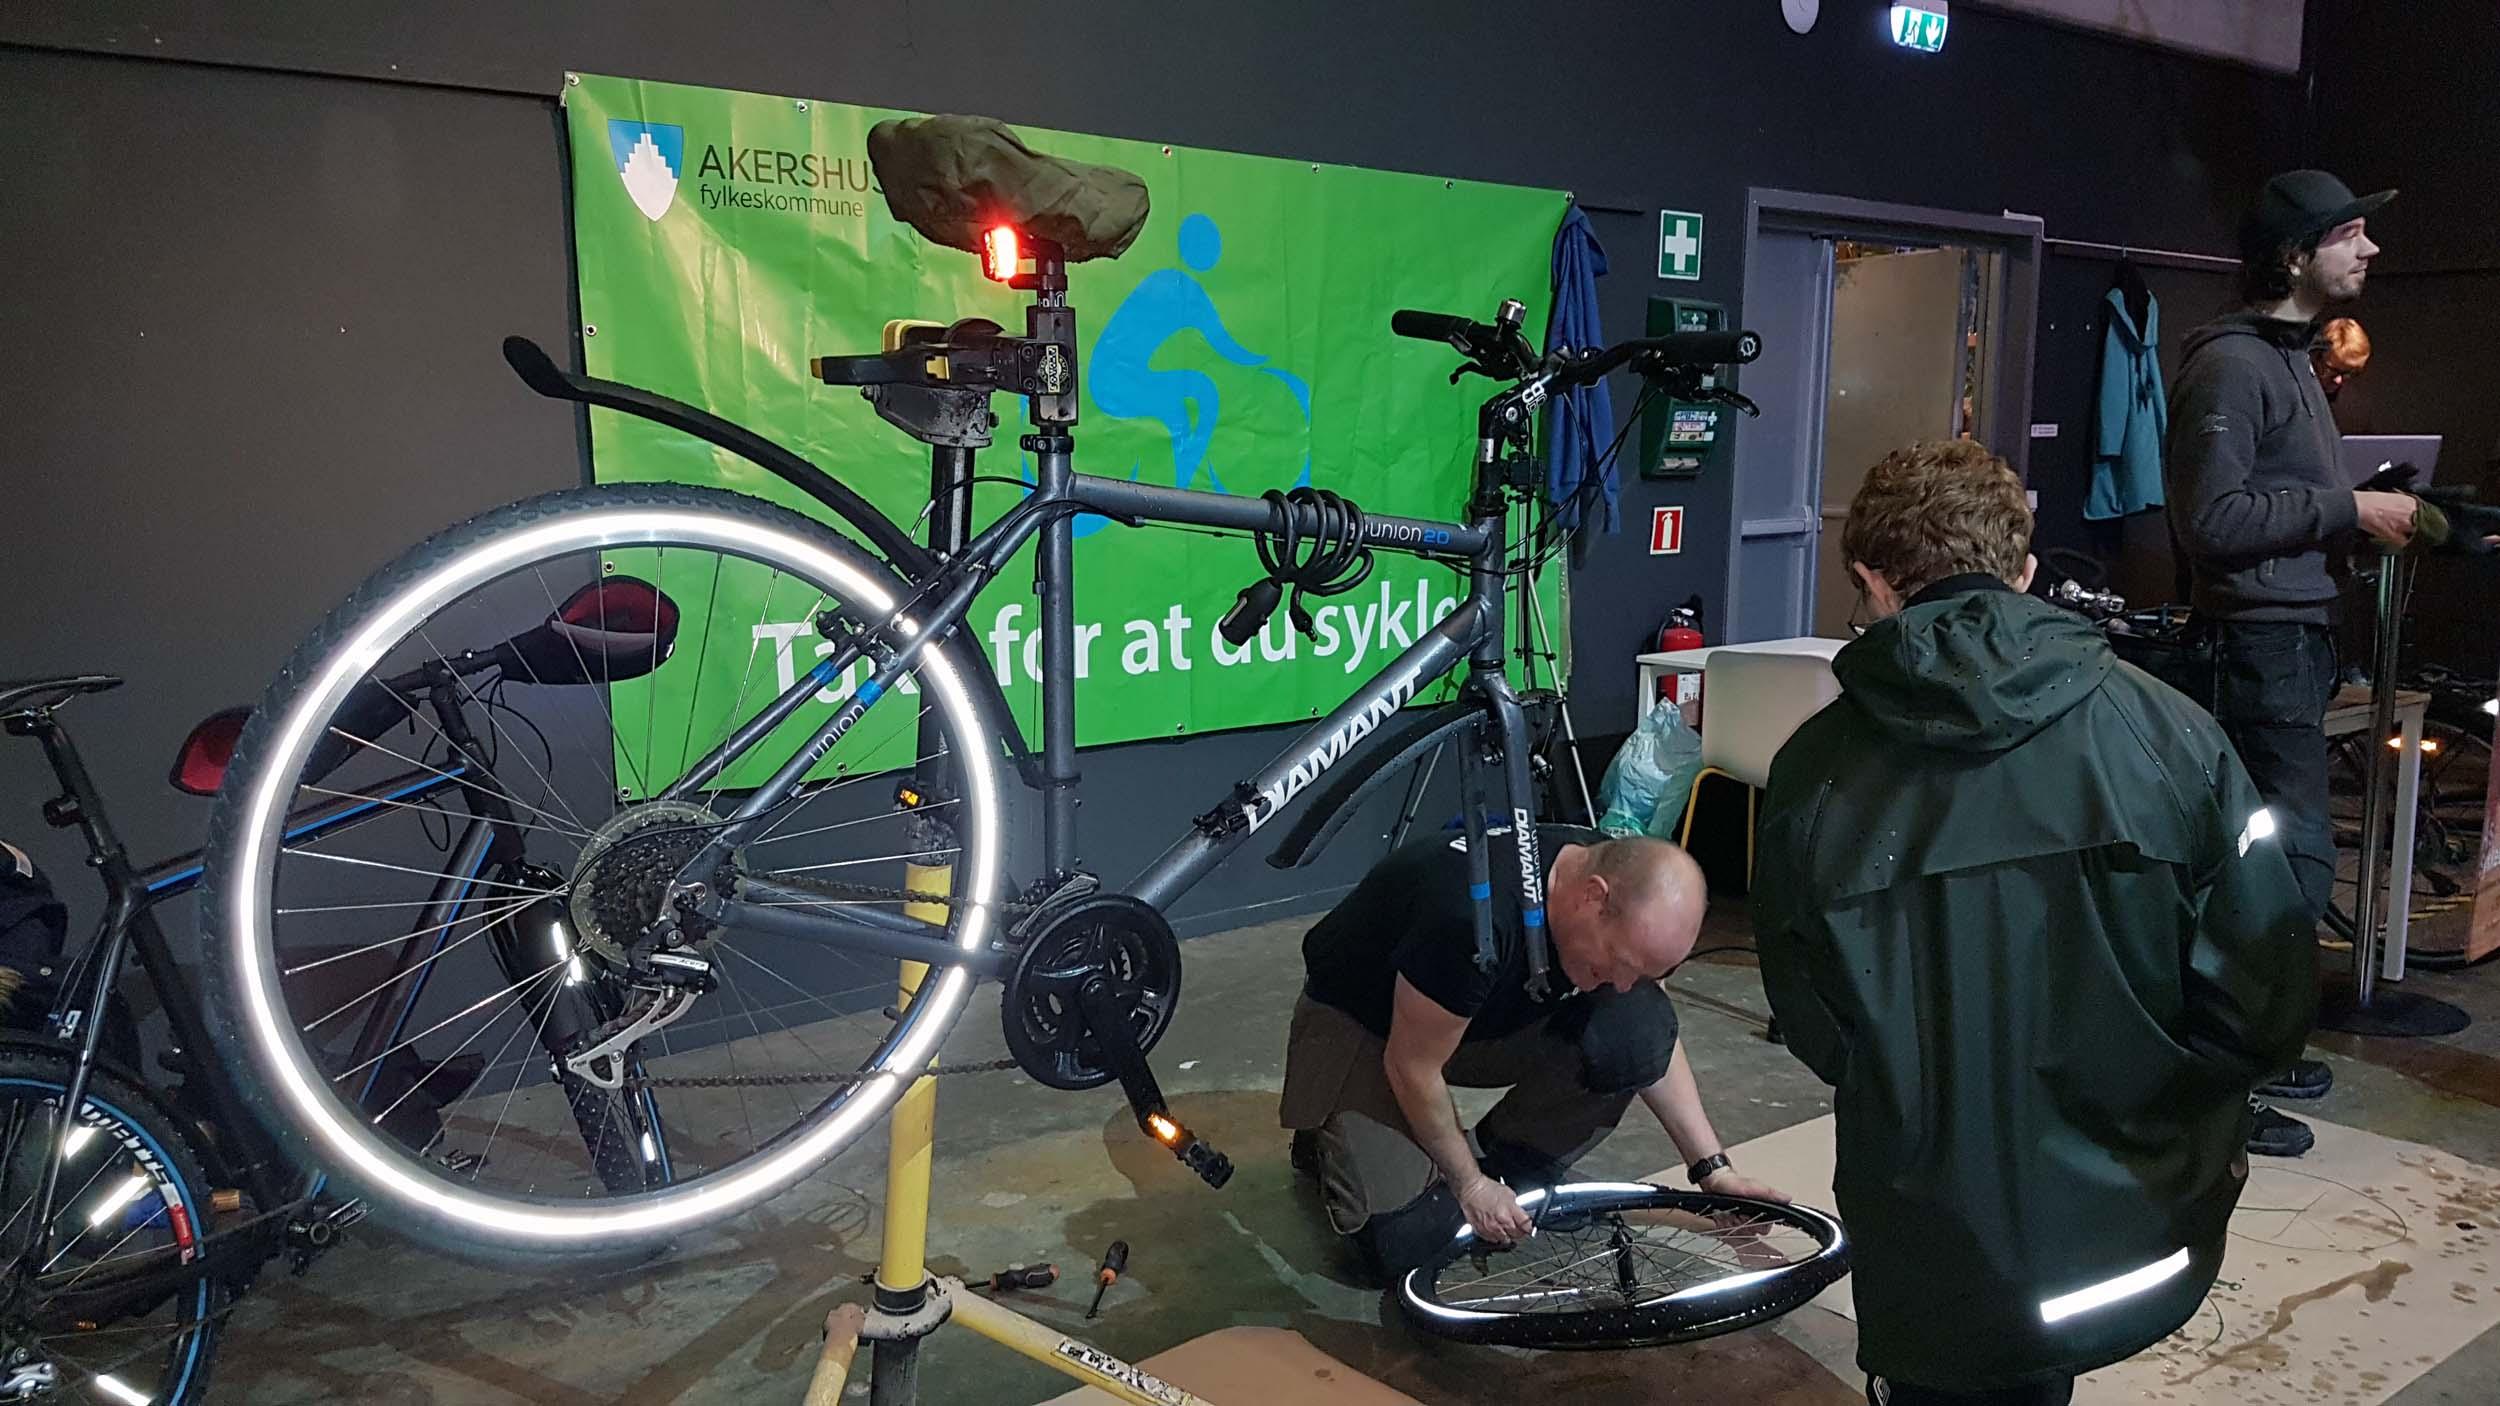 Mann jobber med sykkeldekk